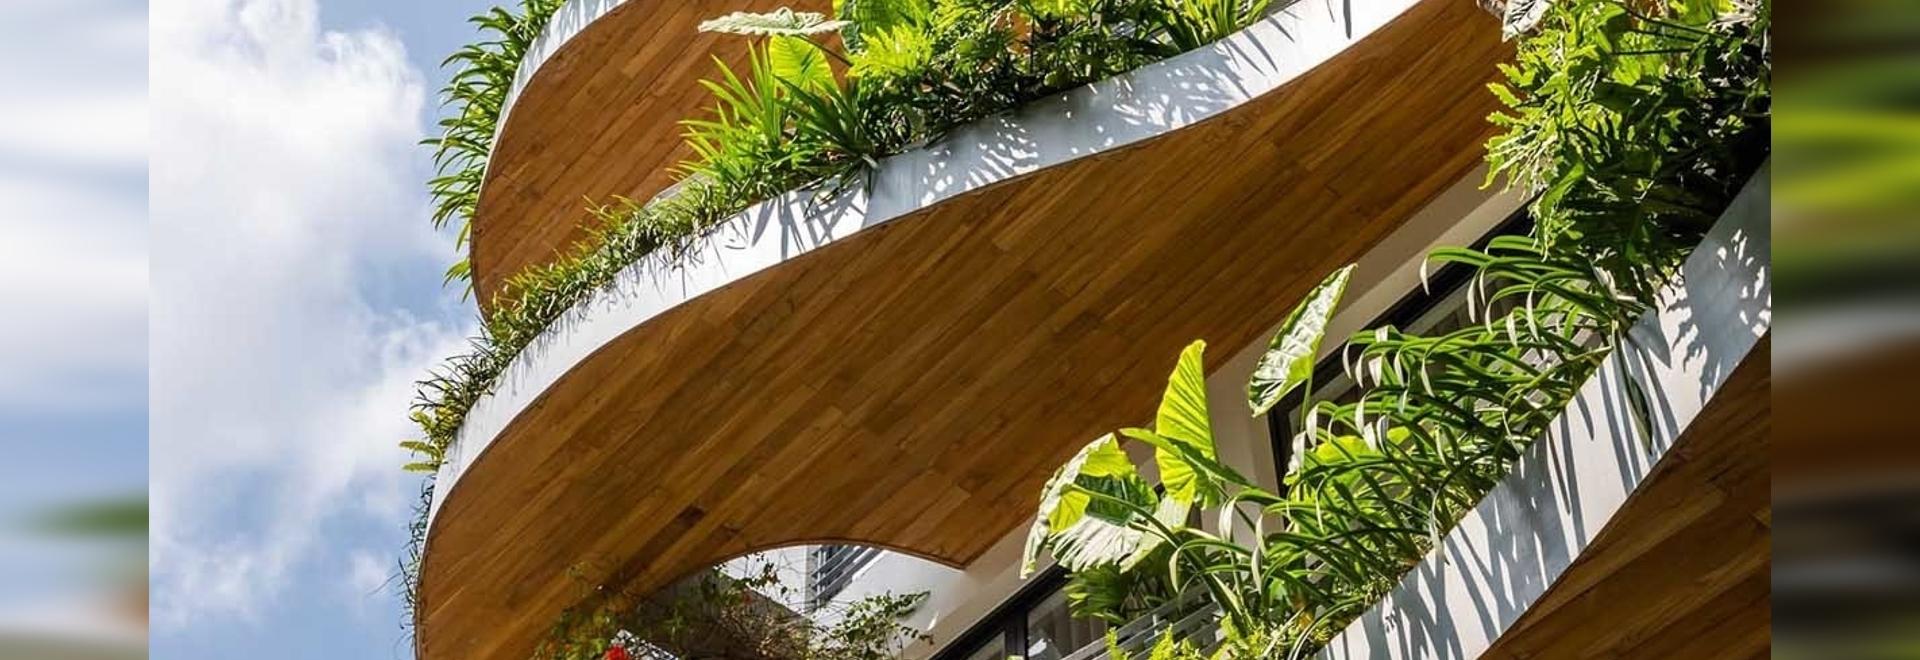 Les balcons ondulés surplombés de plantes sont un élément de design de cet immeuble d'habitation